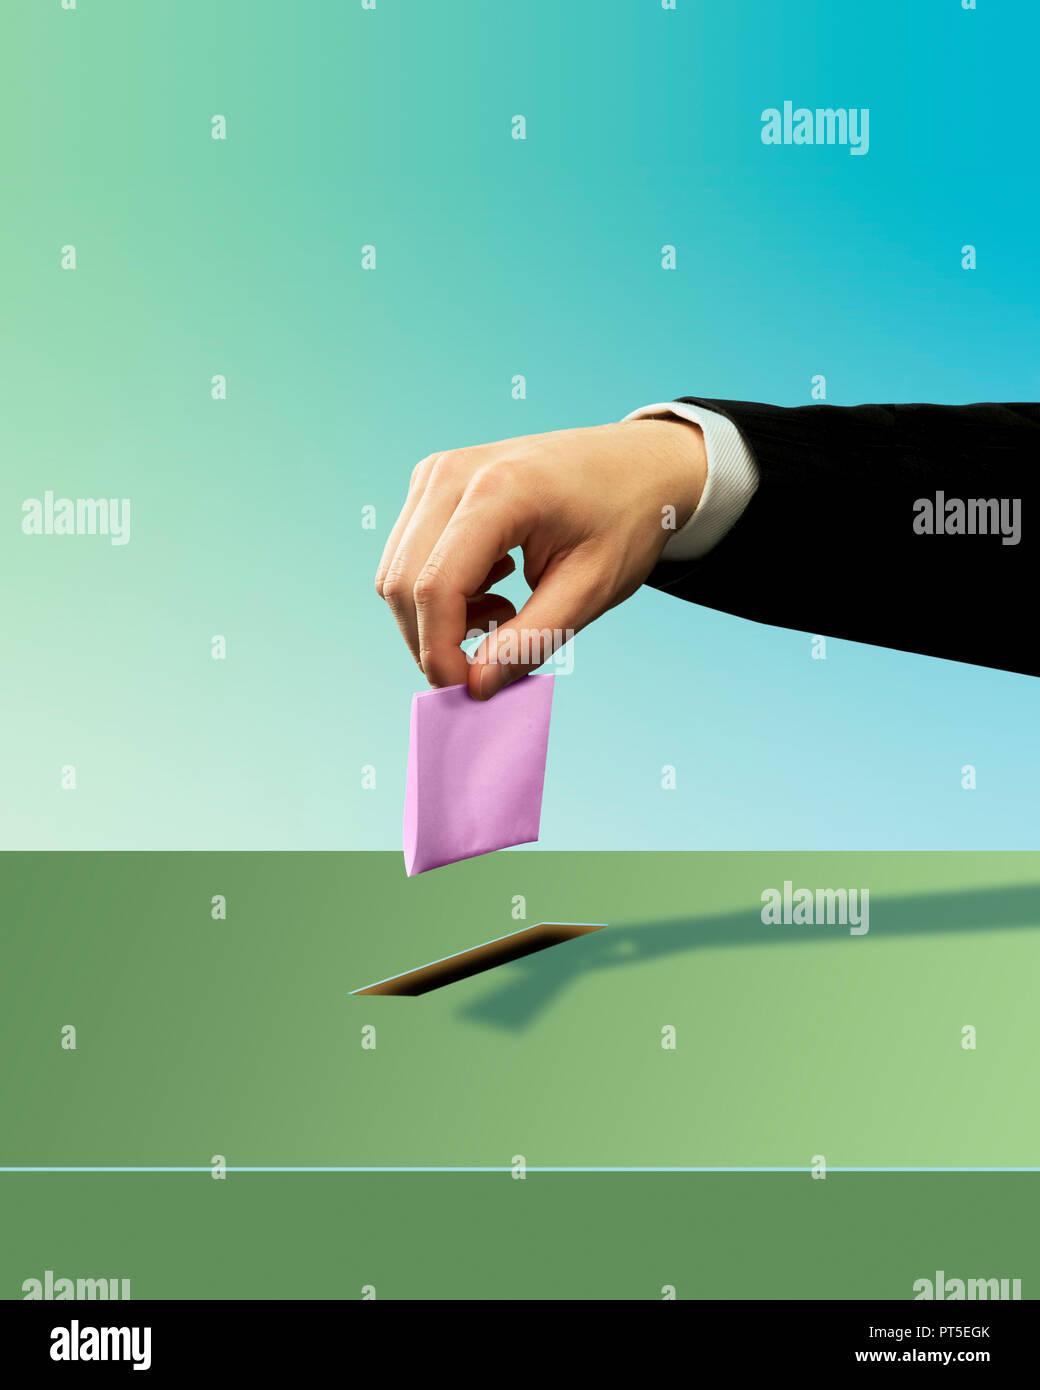 Konzept ein Mann die Hand Abfallen einen Rosa Stimmzettel, Wahlurnen, Abstimmen, Abstimmung, Wahlen, Frau Kandidat Stockbild